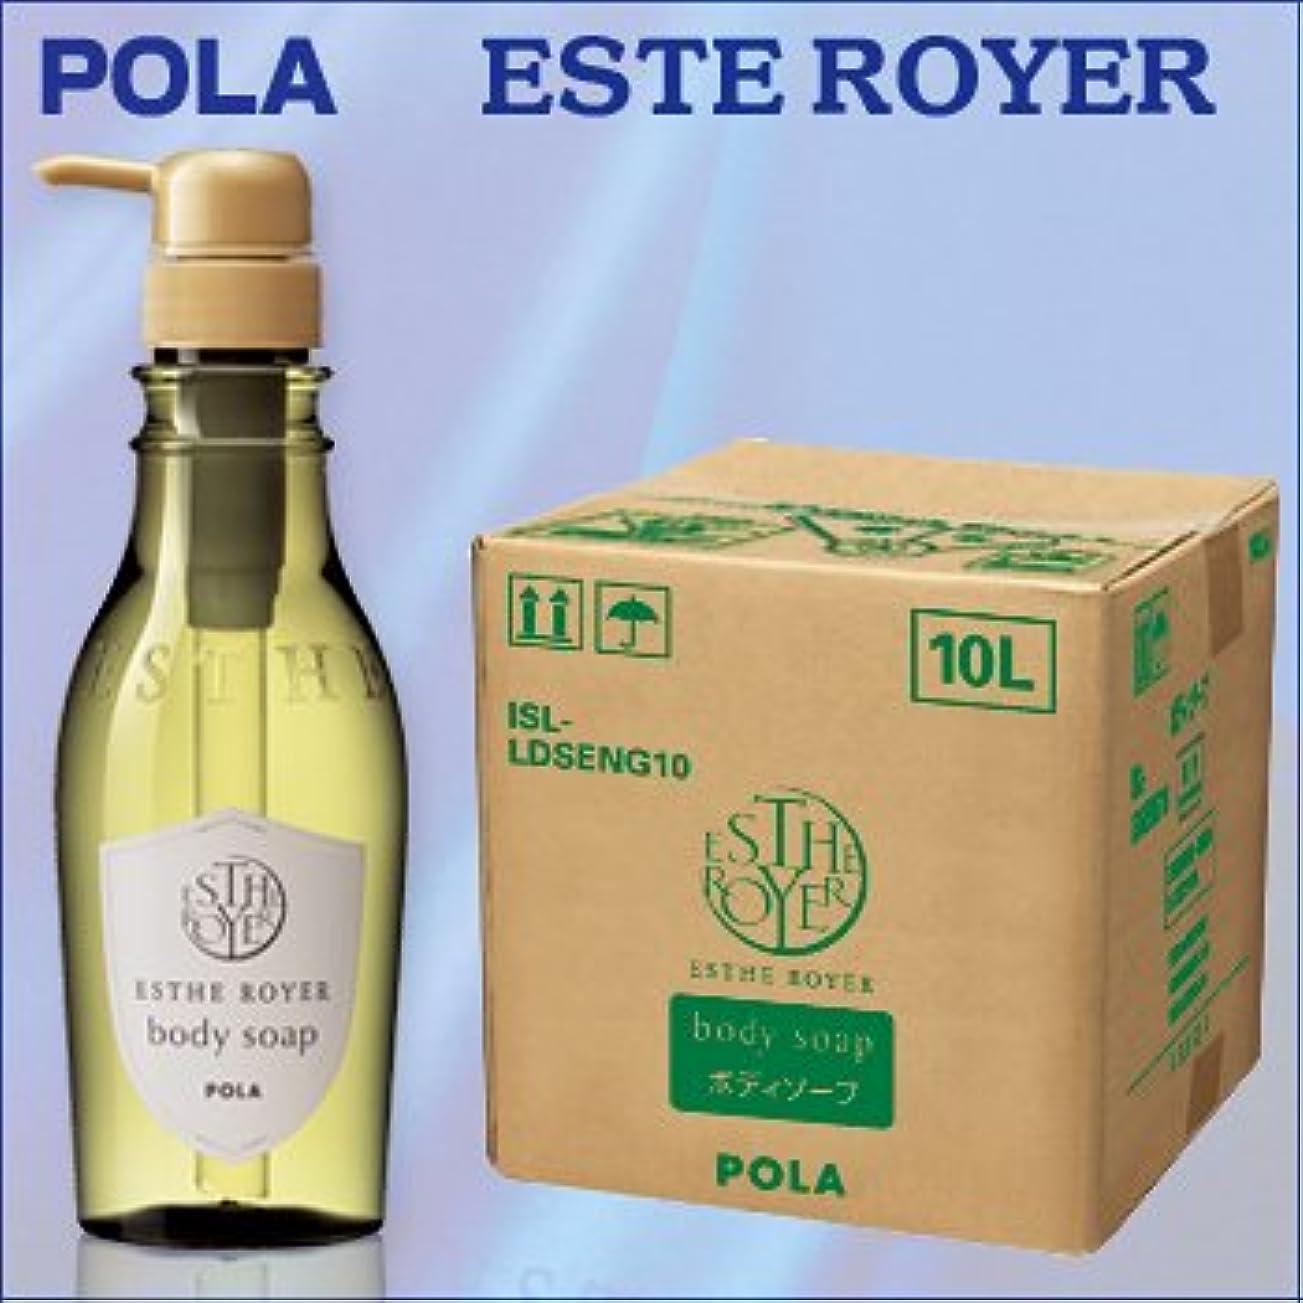 熱心チューインガム弾性POLA エステロワイエ 業務用ボディソープ 10L (1セット10L入)